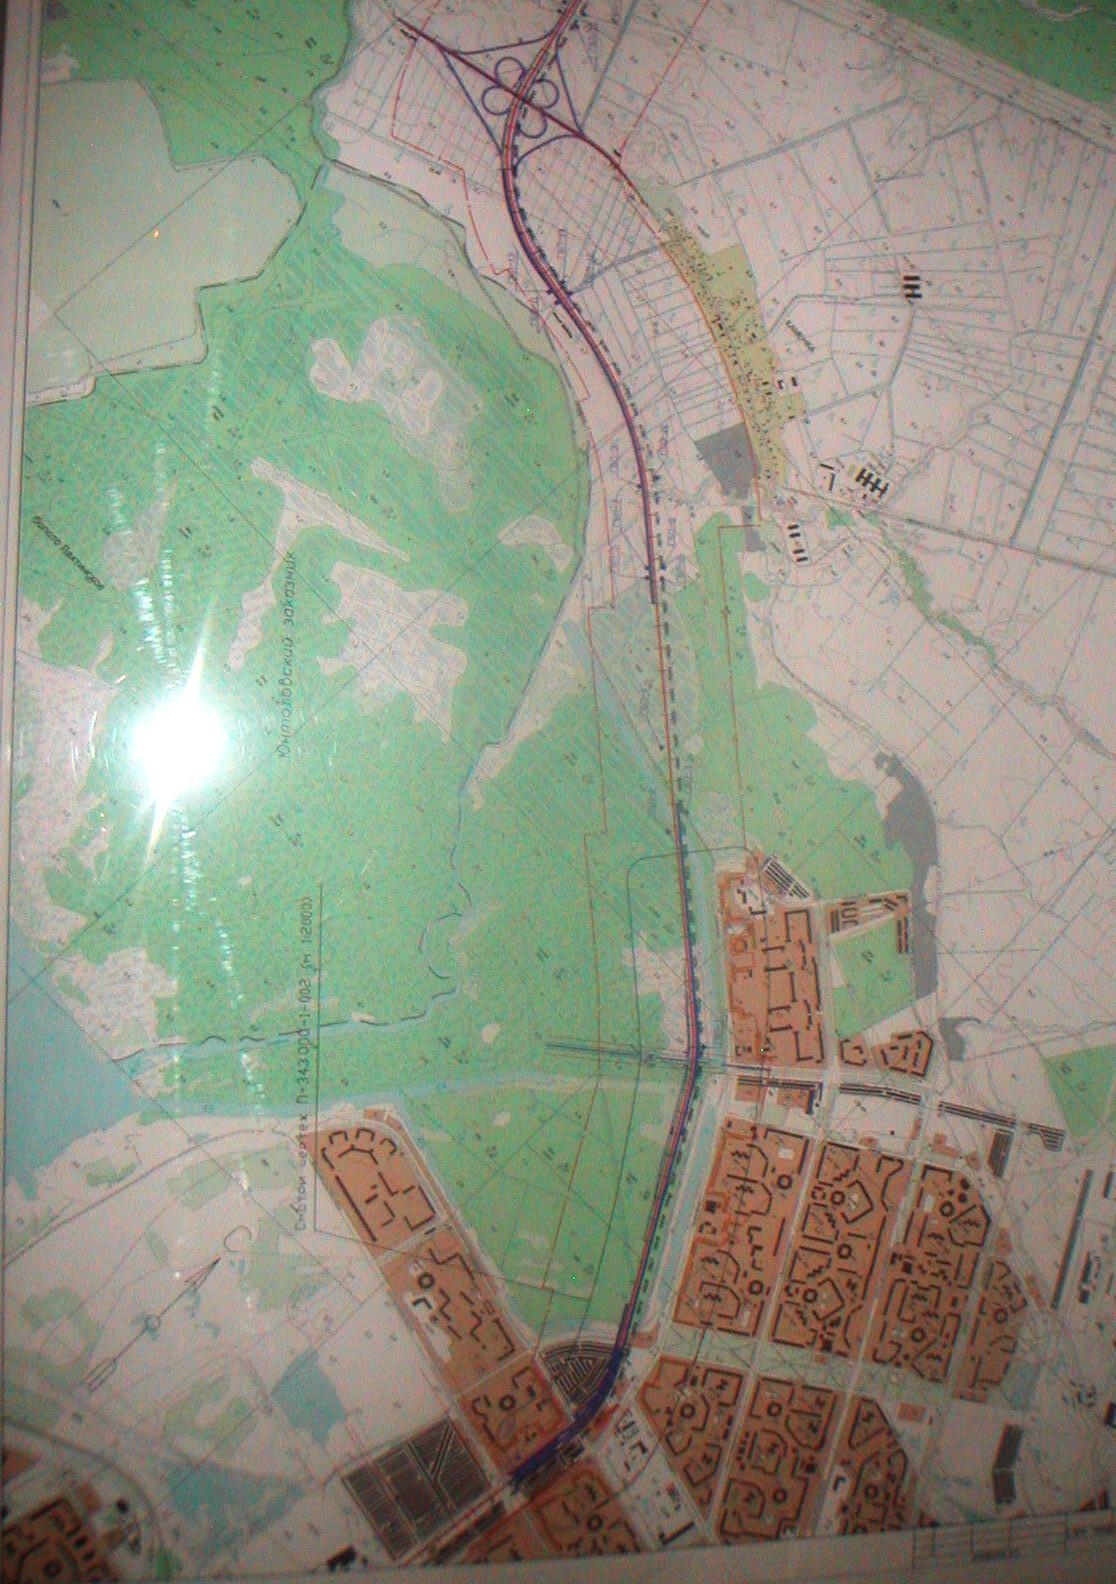 Схема участка от Богатырского пр. до дороги на Каменку.  Кликните для увеличения.